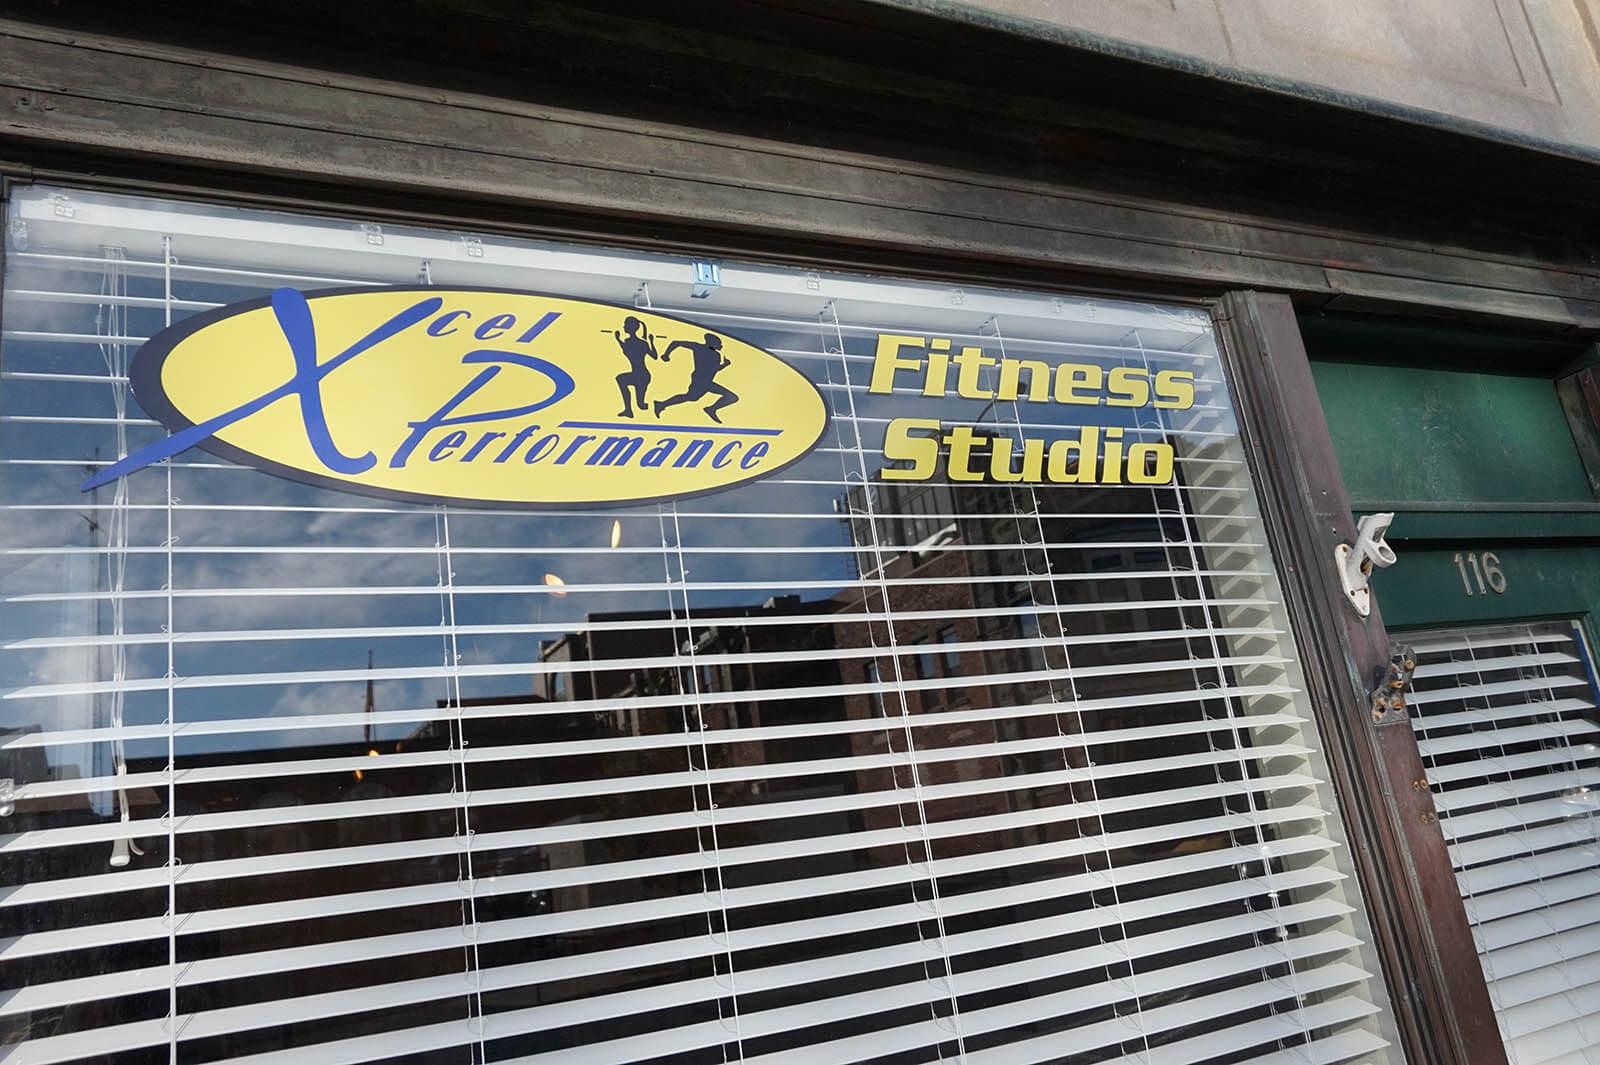 Xcel Performance Fitness Studio